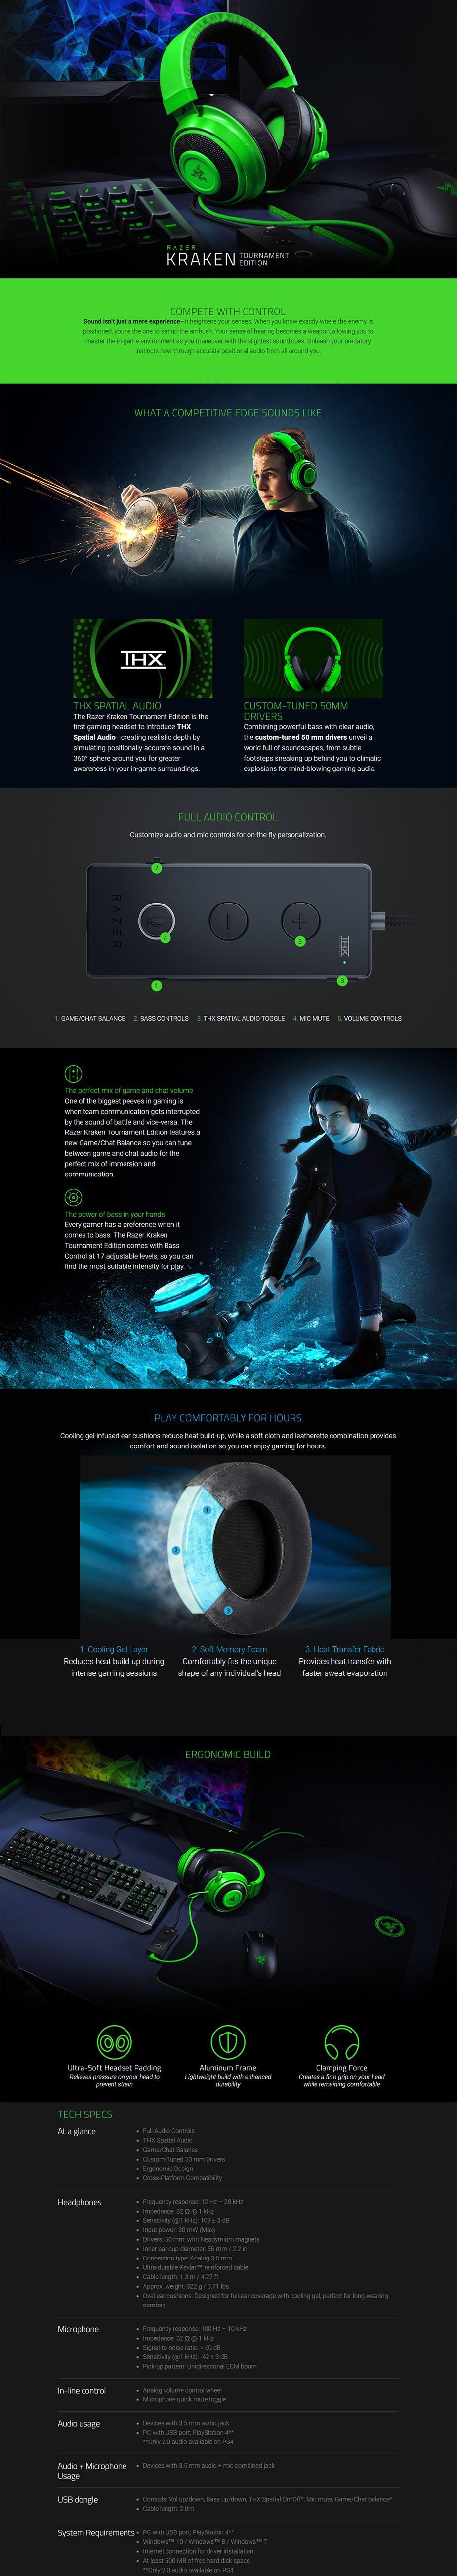 Razer Kraken Tournament Edition Wired Gaming Headset - Black - Overview 1